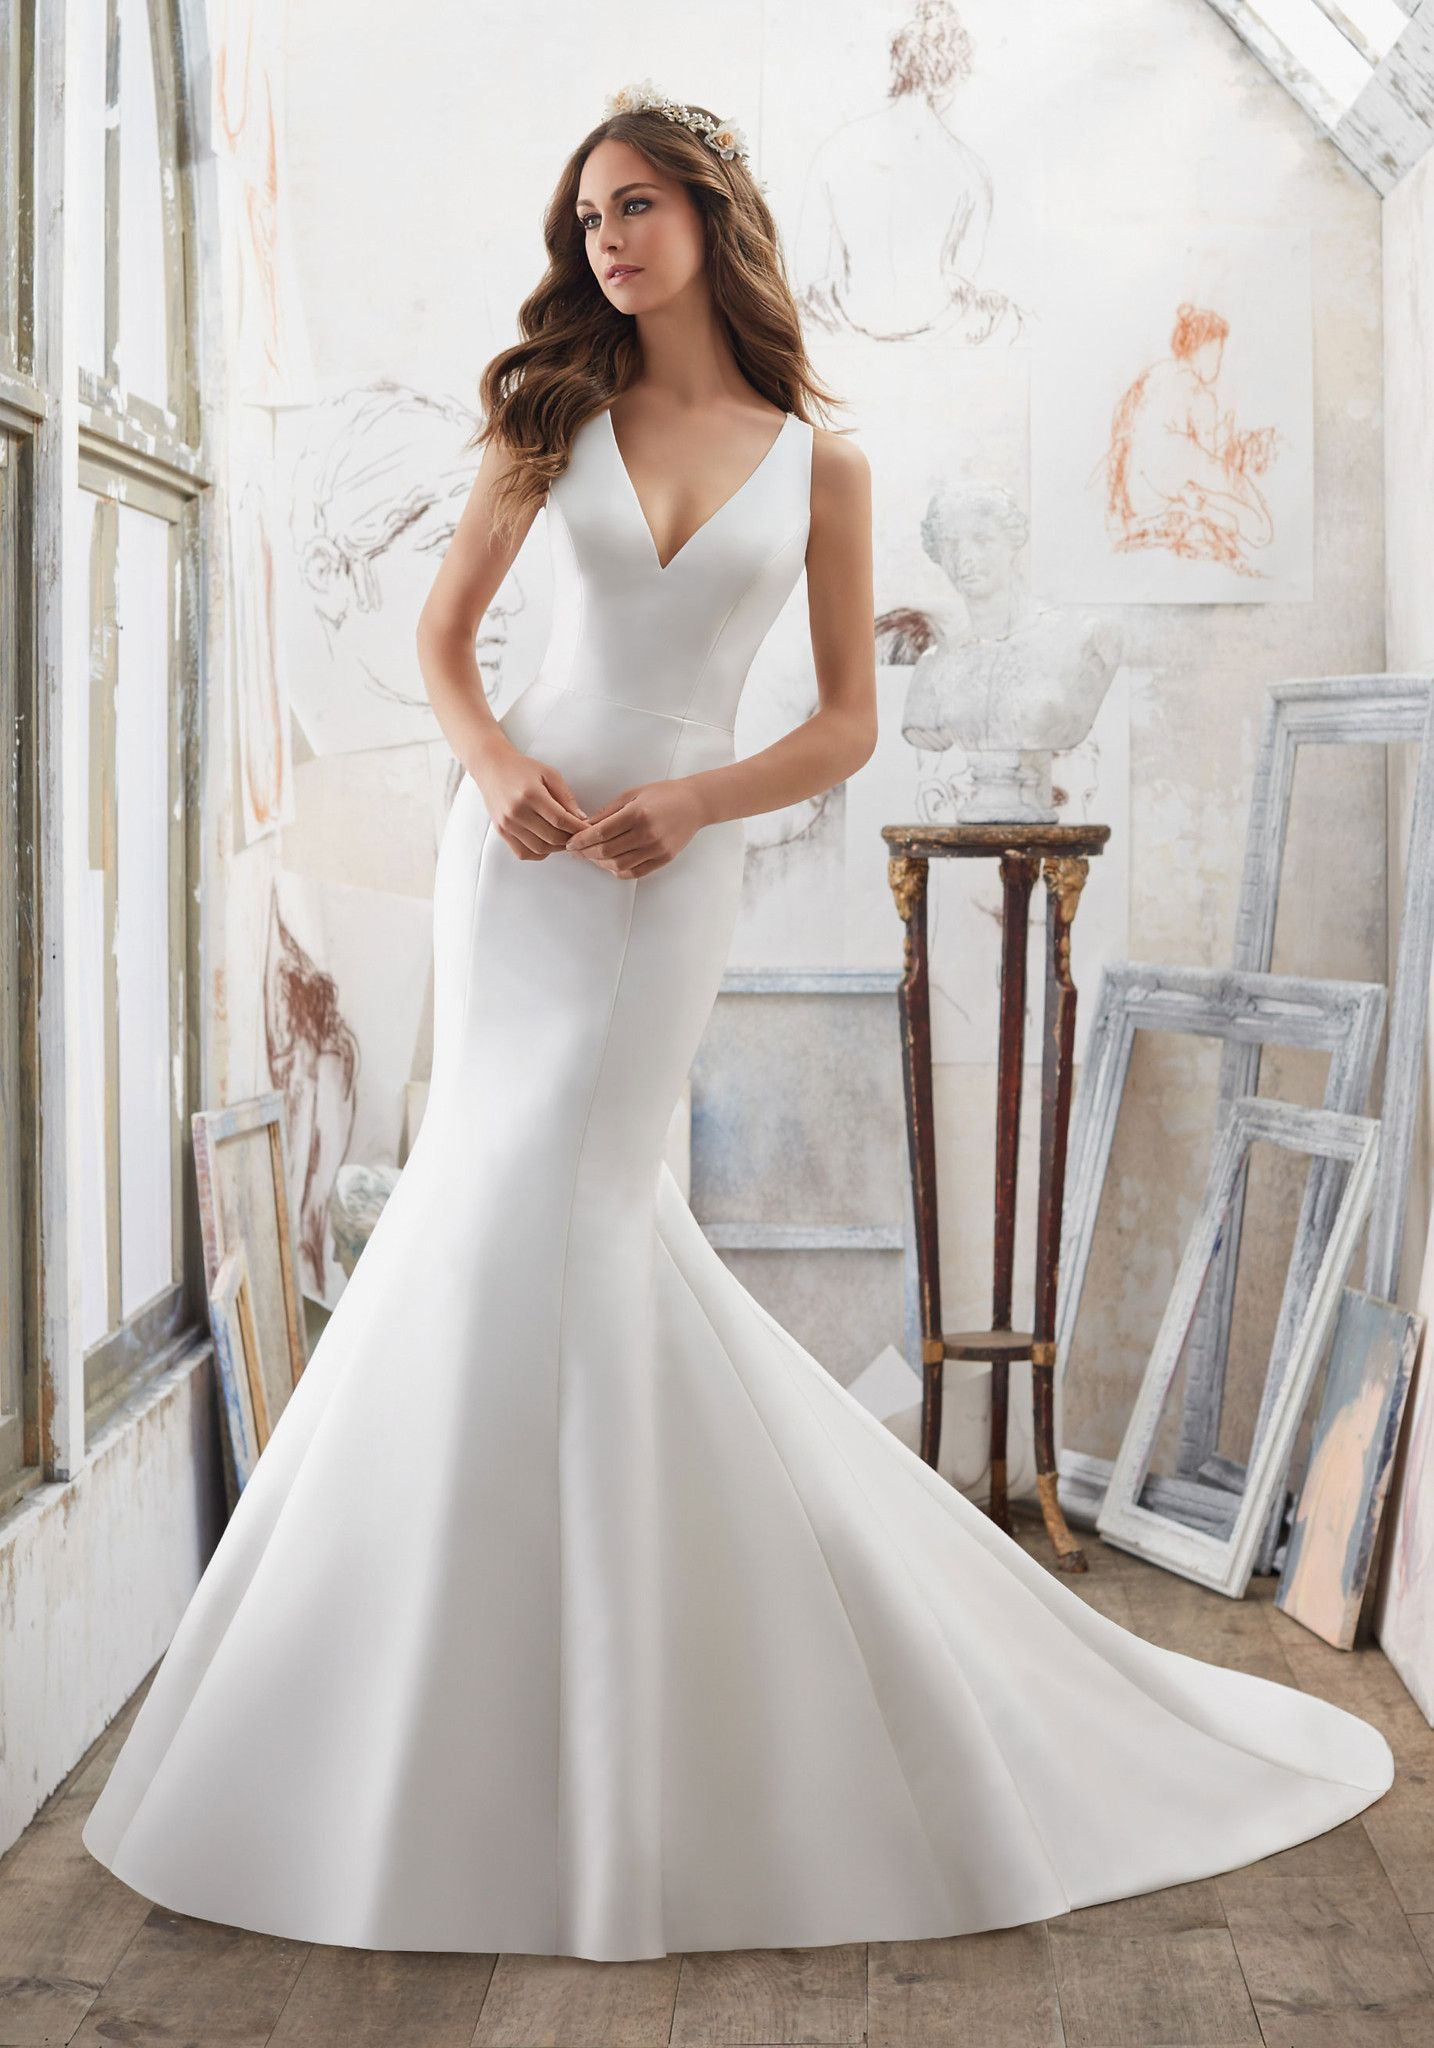 Blu - Marlena - 5506 - All Dressed Up, Bridal Gown | Wedding ...